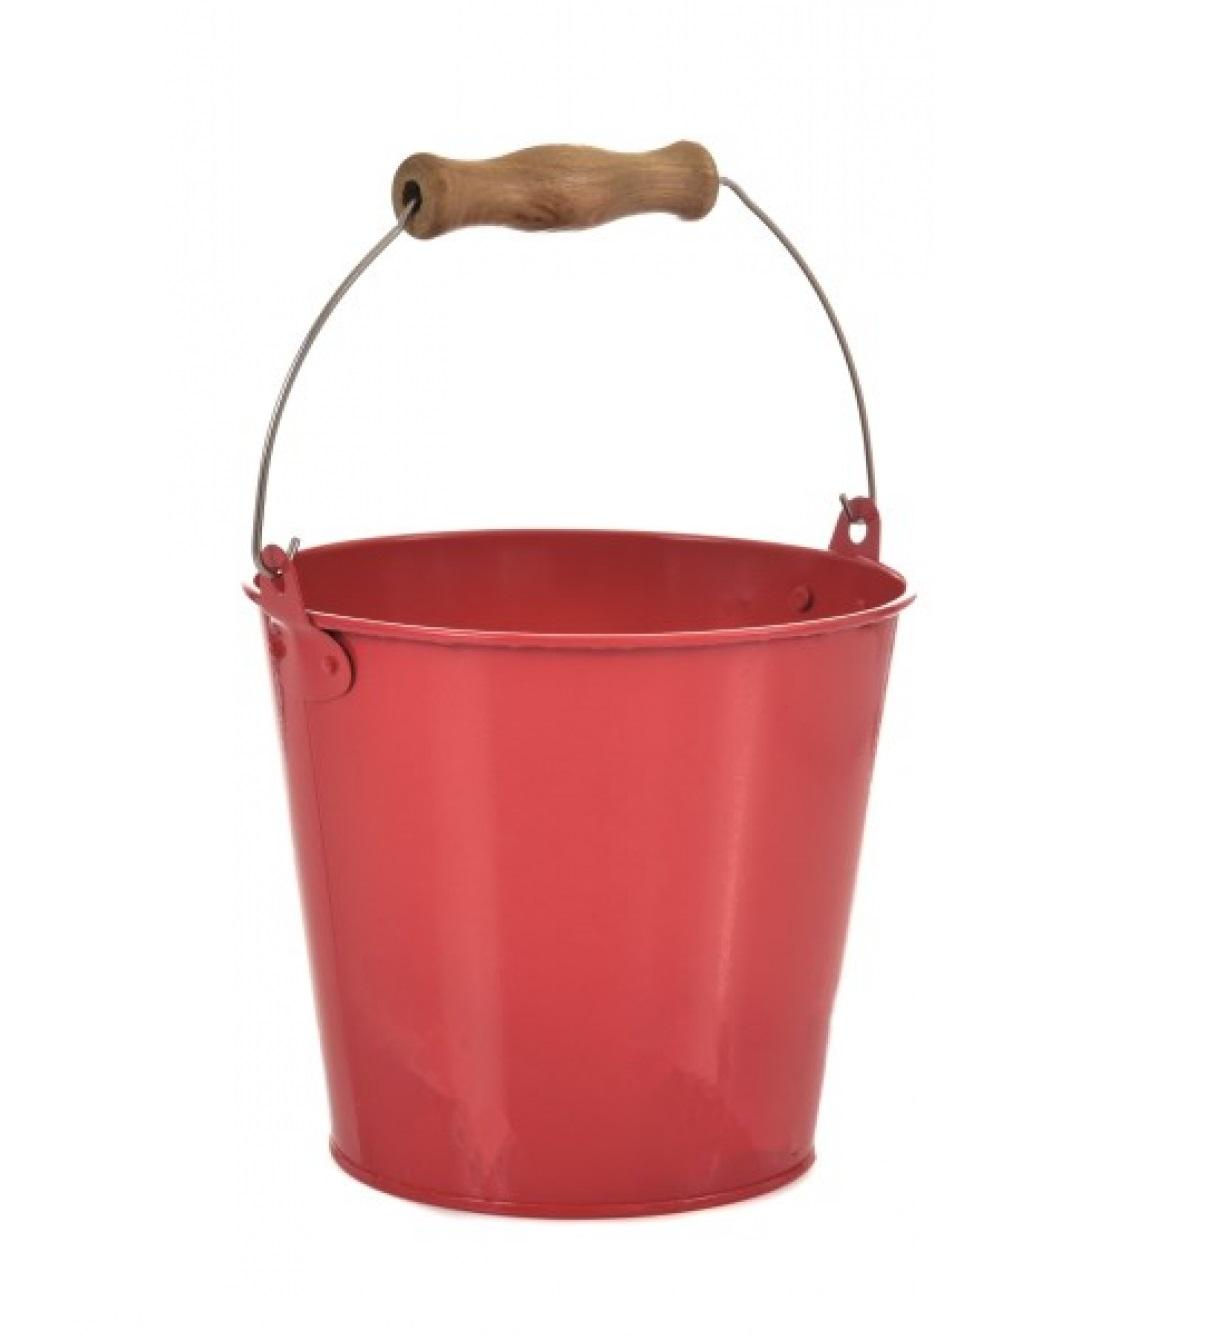 Egmont Toys - Seau rouge en métal